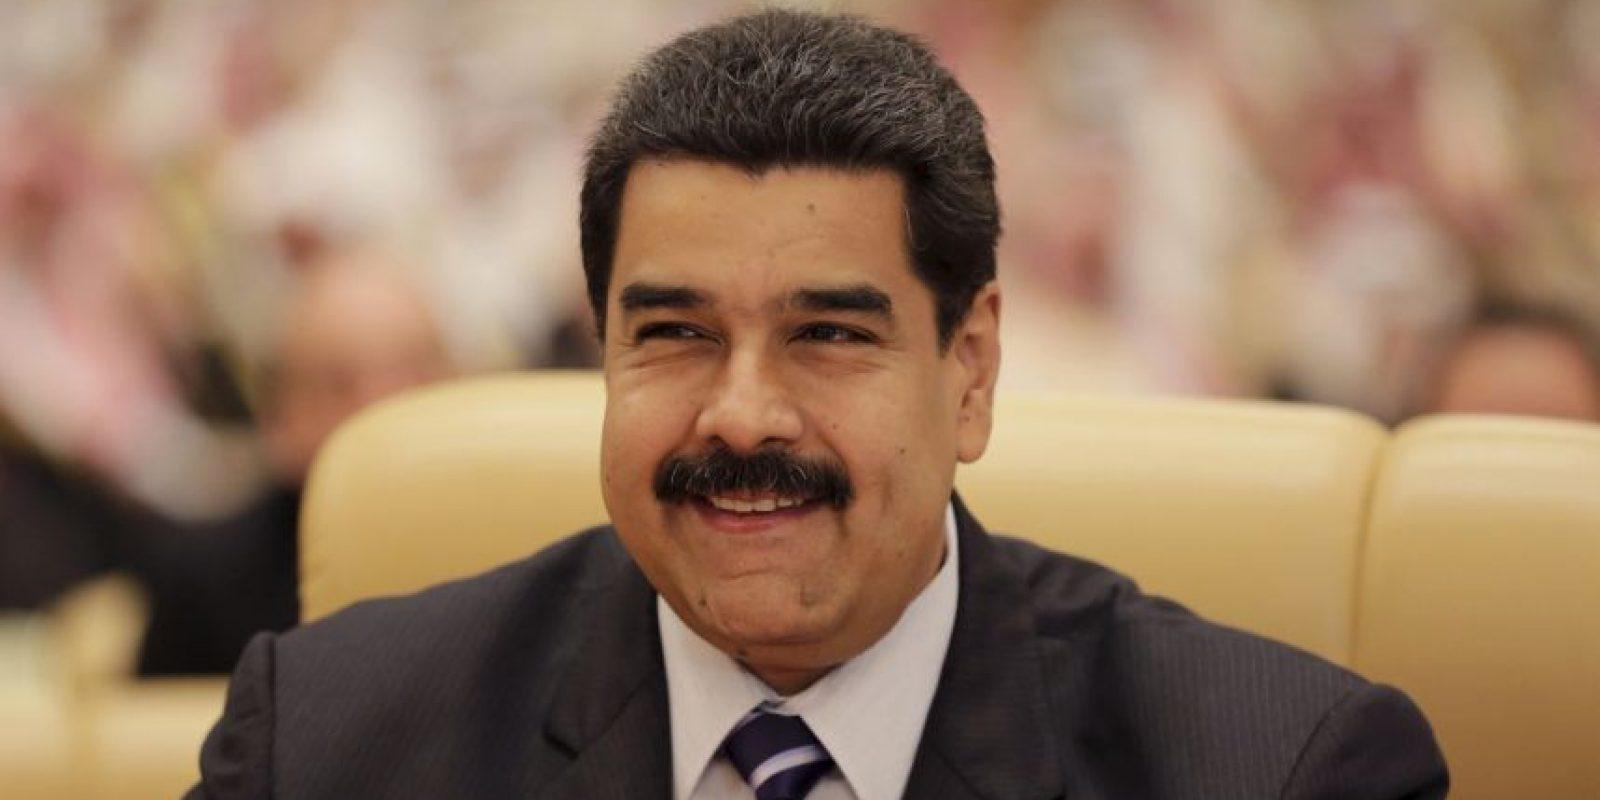 La cadena de televisión para la que trabaja ha hecho distintas críticas al gobierno del presidente Nicolás Maduro. Foto:AP